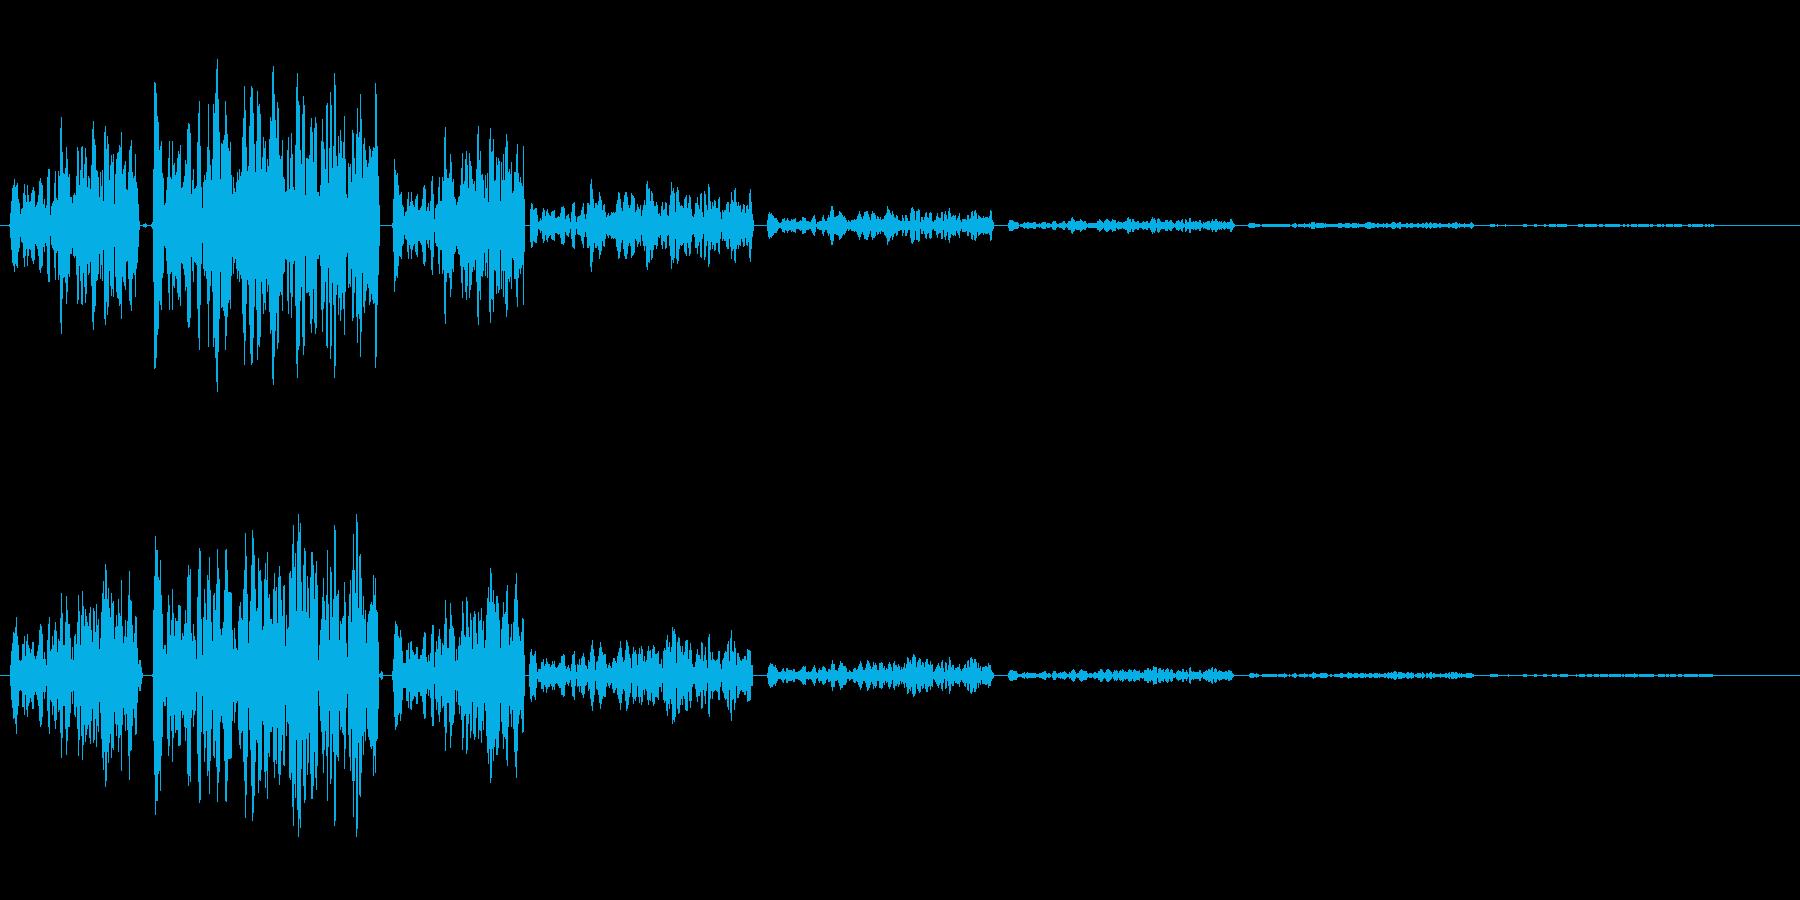 バネが弾むようなインパクトのある起動音の再生済みの波形